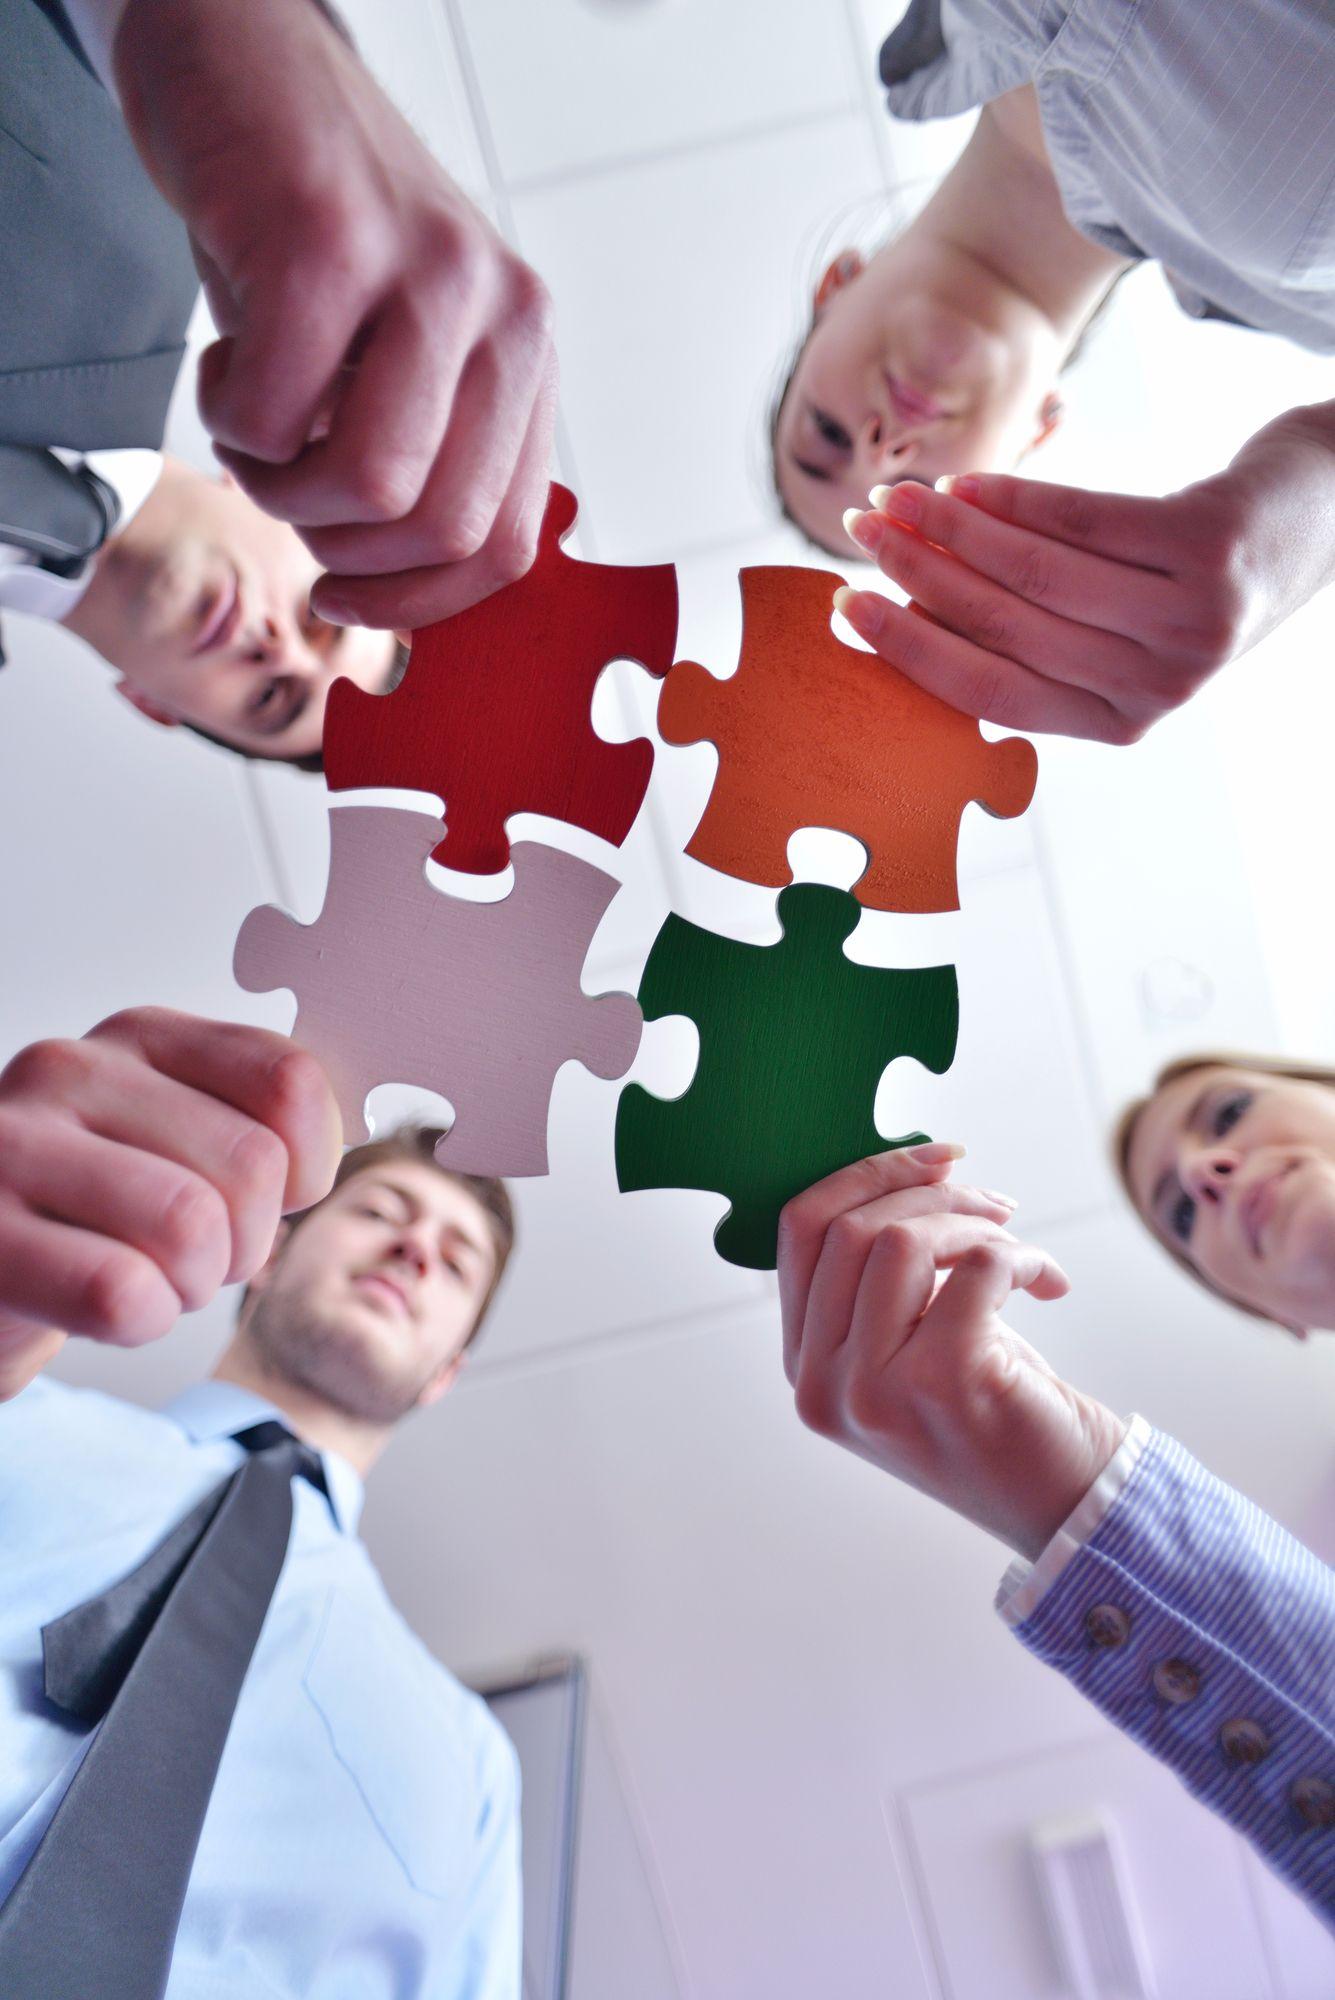 Engajamento dos funcionários dentro da empresa